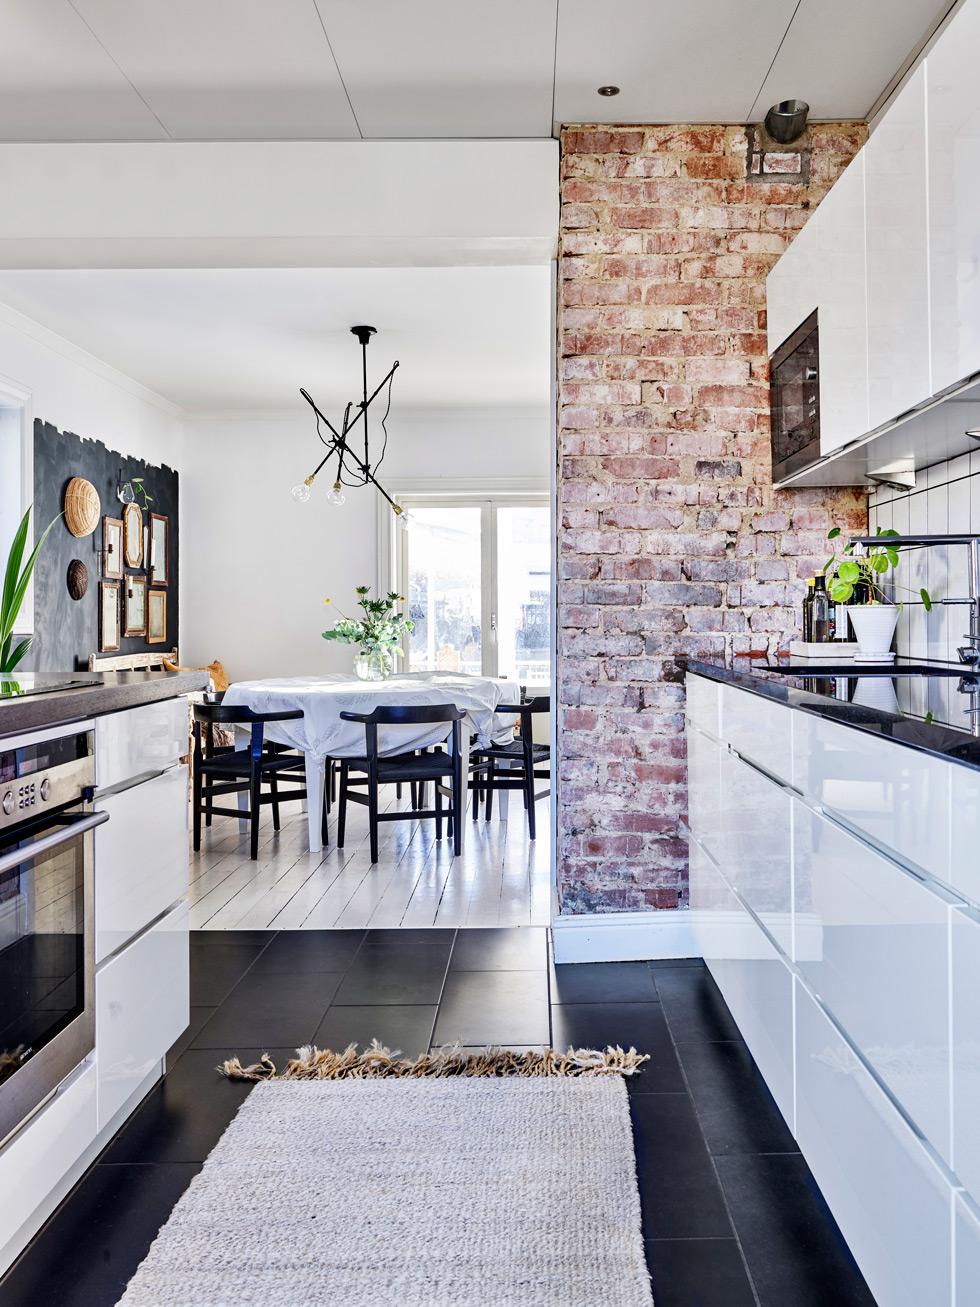 Modernt kök med tegelvägg.